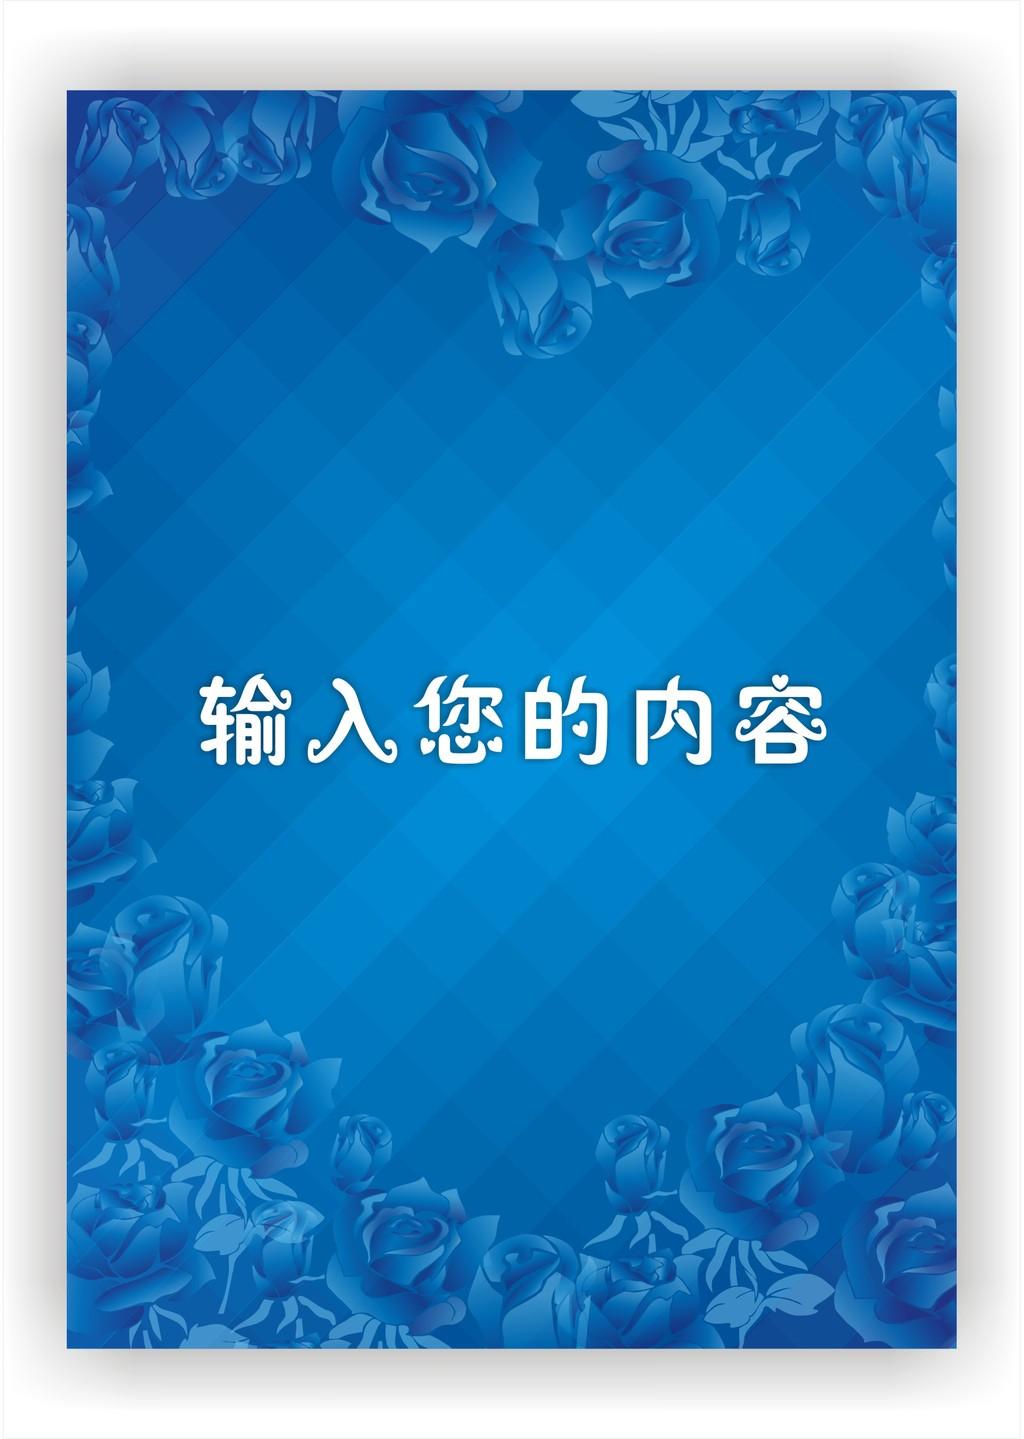 蓝色信纸背景 玫瑰花朵